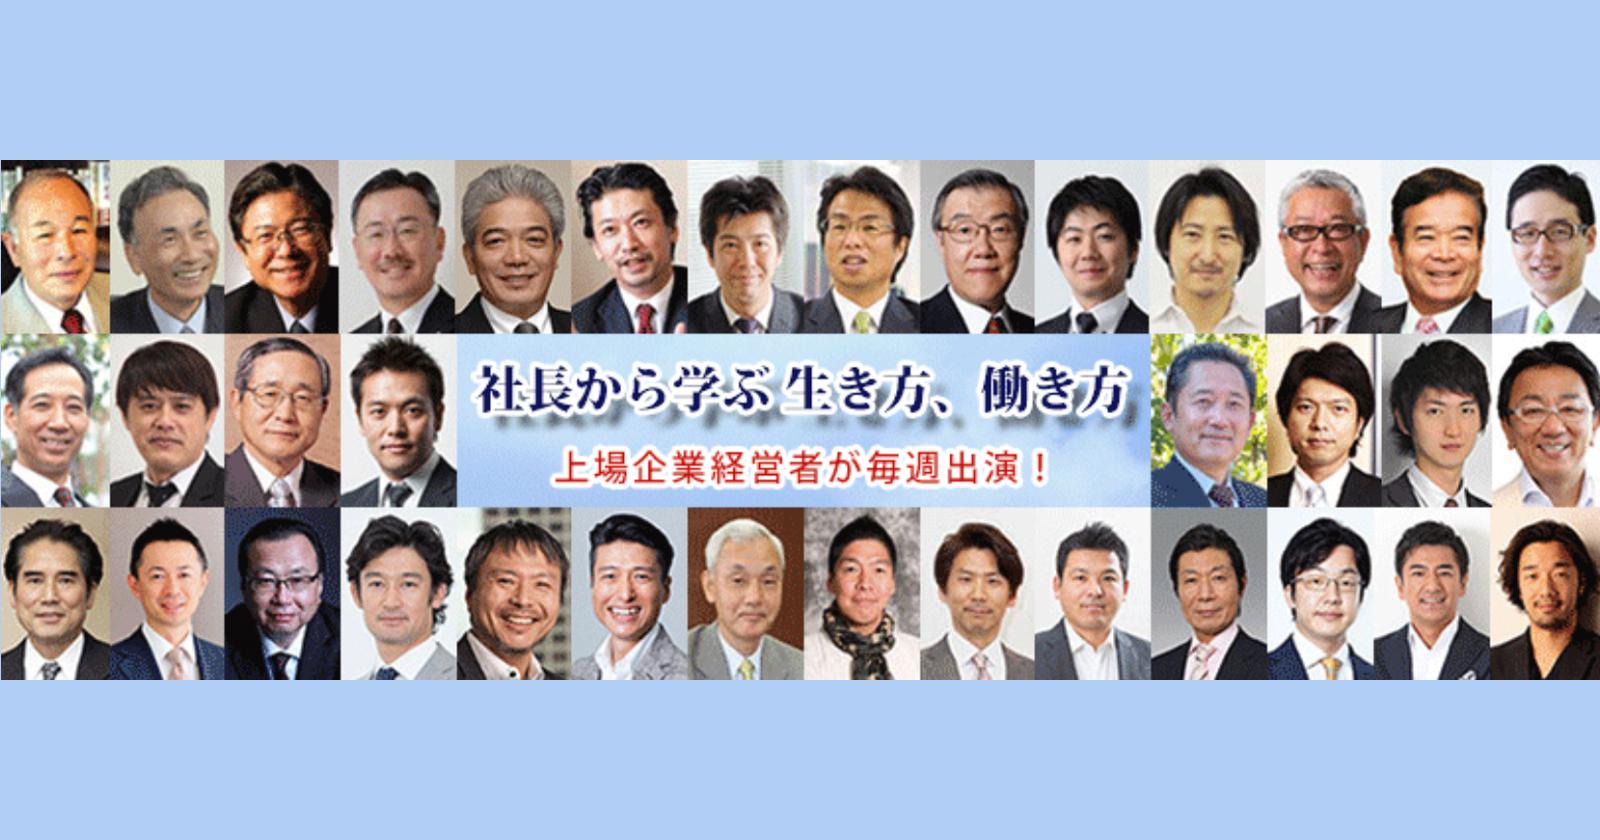 2020年7月4日 19時より、FM FUJI「藤沢久美の社長Talk」にて、当社代表志水がリモート出演をいたします。